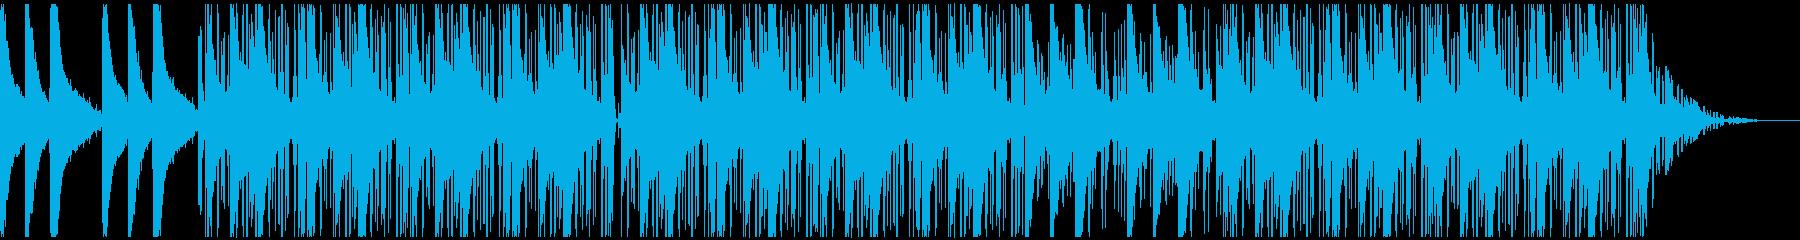 ローファイヒップホップ:飛び道具無しの再生済みの波形